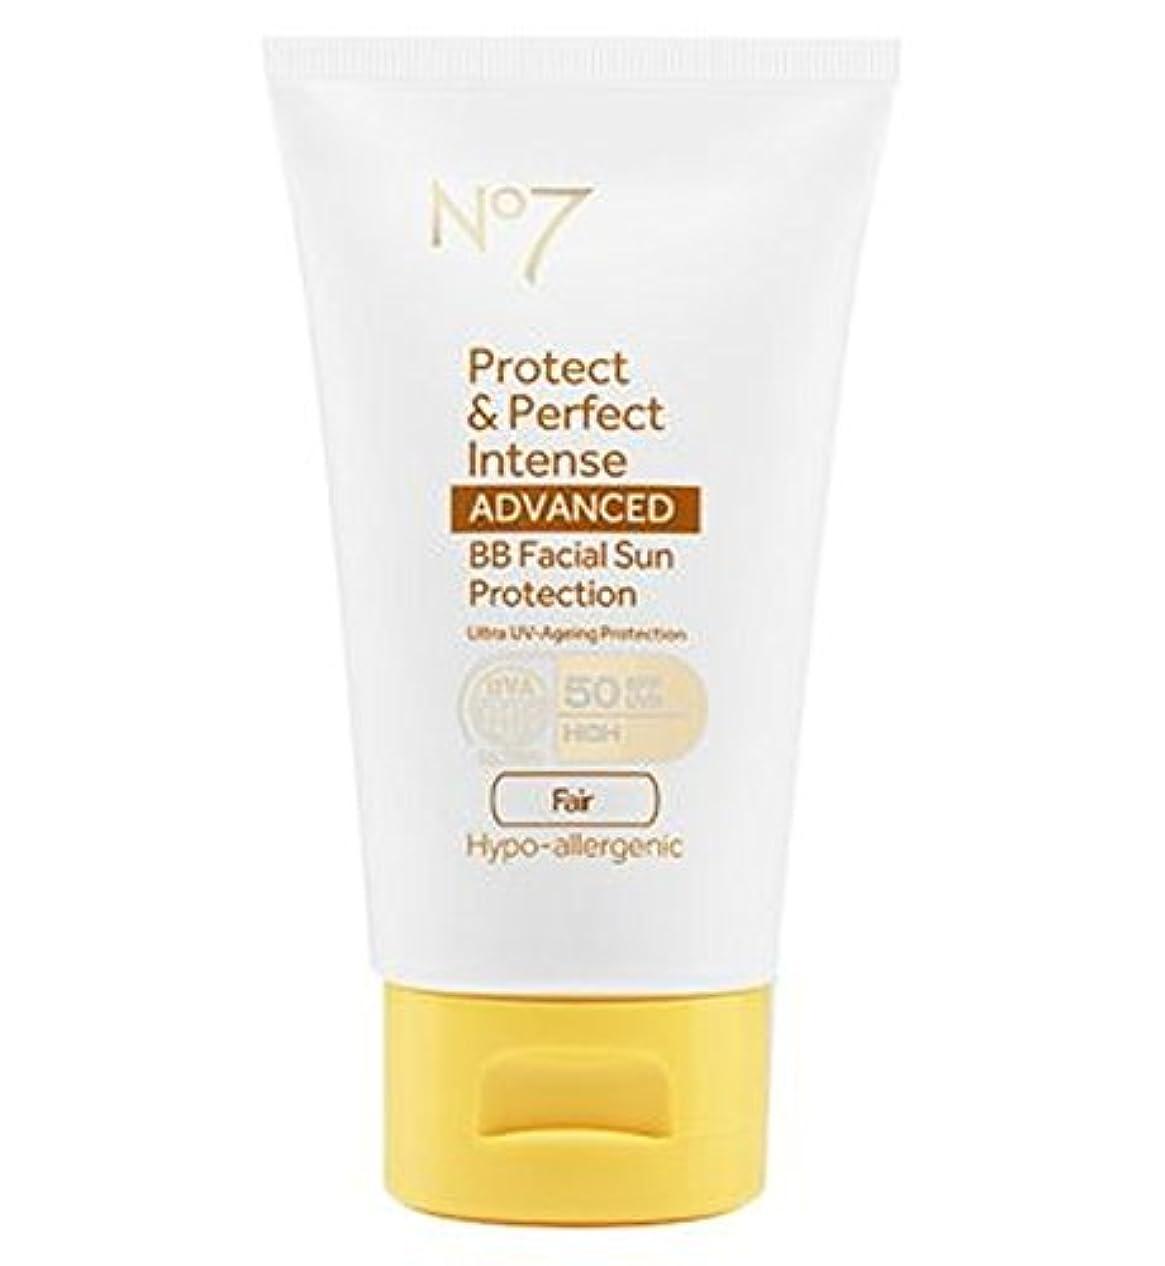 反抗友情代名詞No7 Protect & Perfect Intense ADVANCED BB Facial Sun Protection SPF50 Fair 50ml - No7保護&完璧な強烈な先進Bb顔の日焼け防止Spf50...